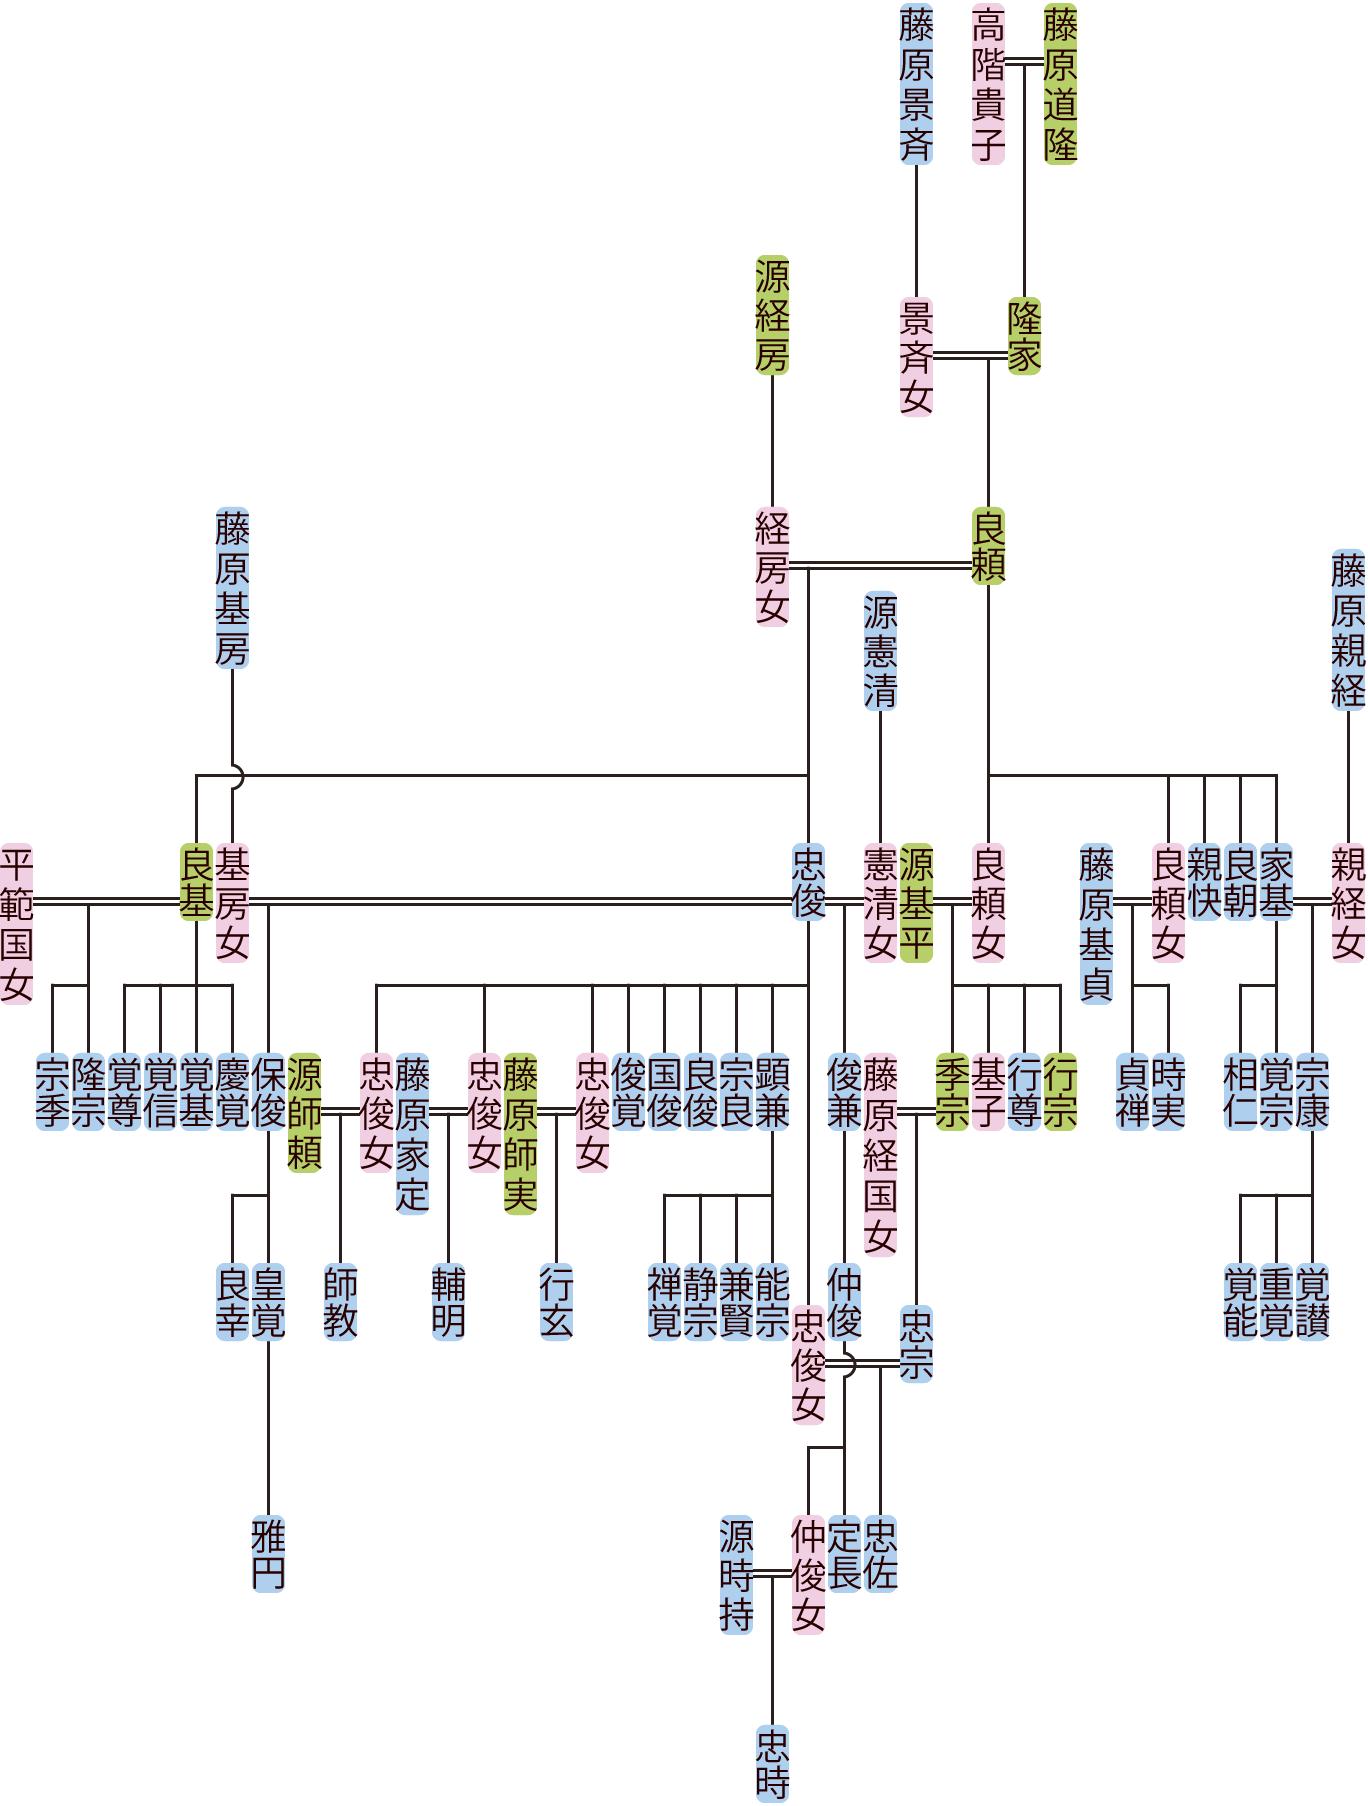 藤原良頼の系図